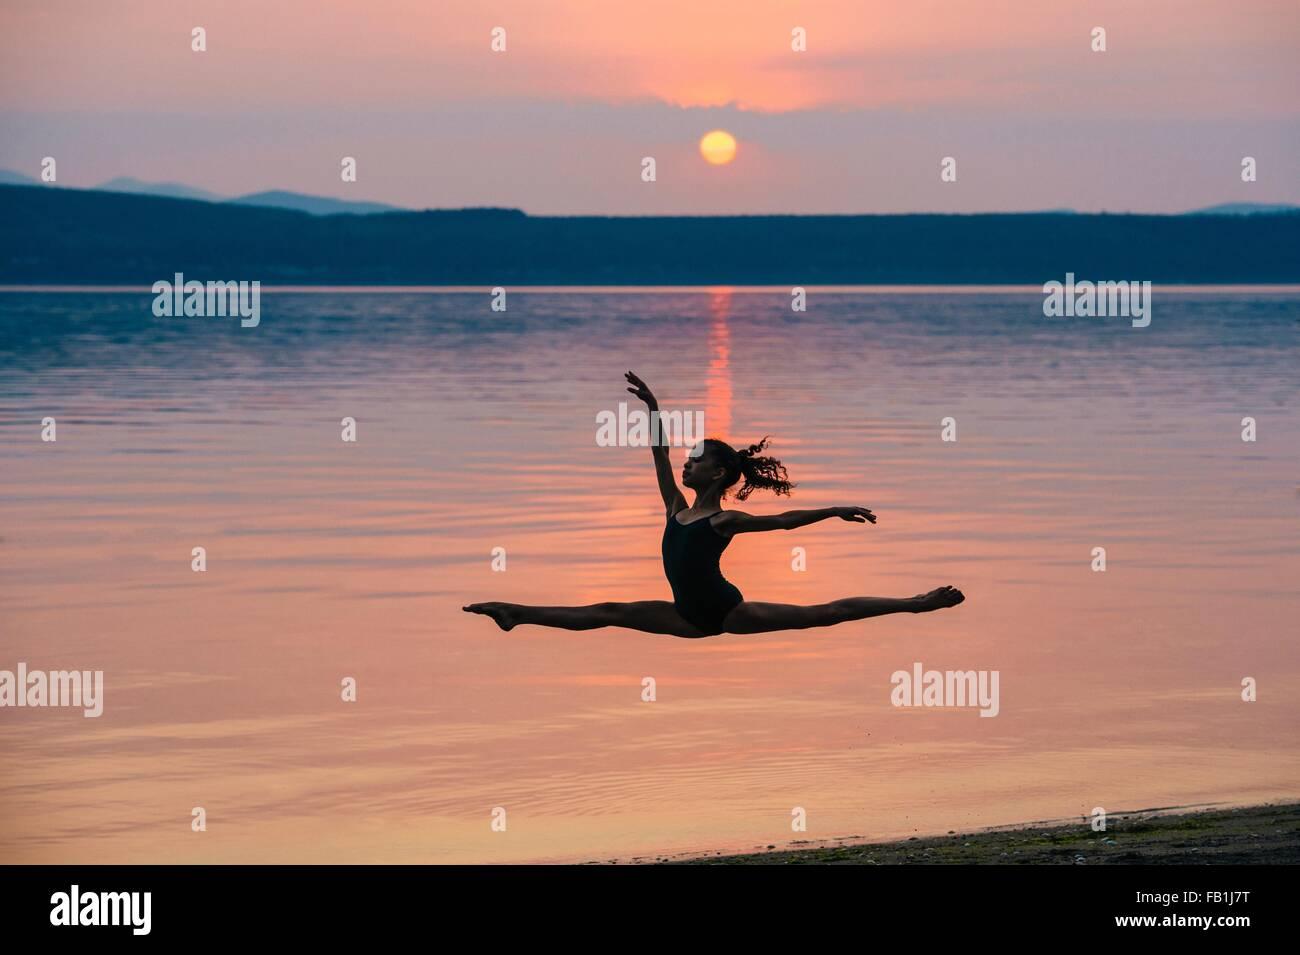 Vista lateral de la niña por mar al atardecer, saltando en el aire, brazos levantados haciendo las divisiones Imagen De Stock